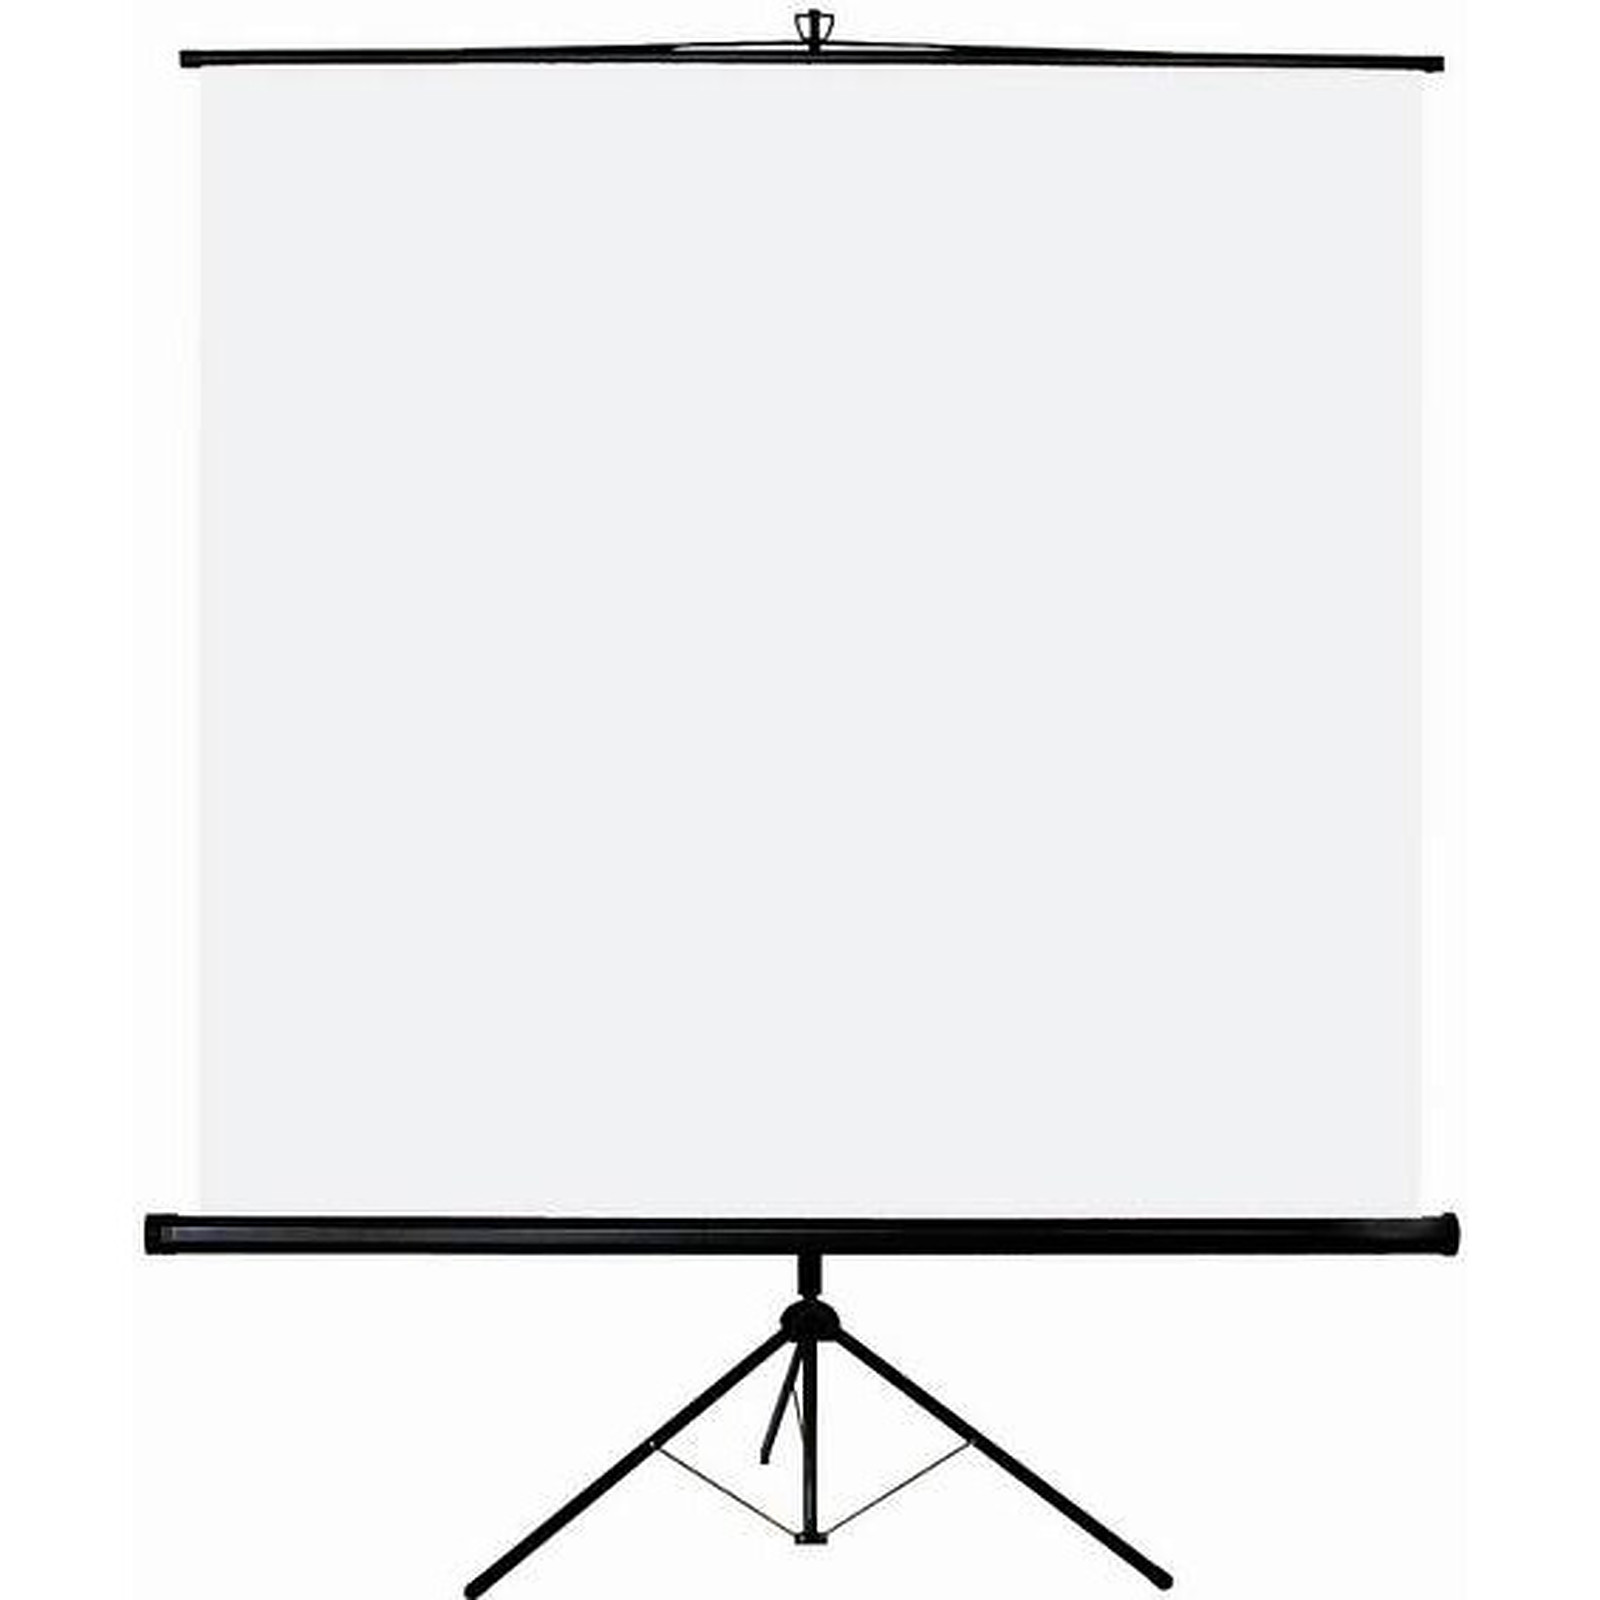 LDLC Ecran trépied - Format 4:3 - 200 x 150 cm